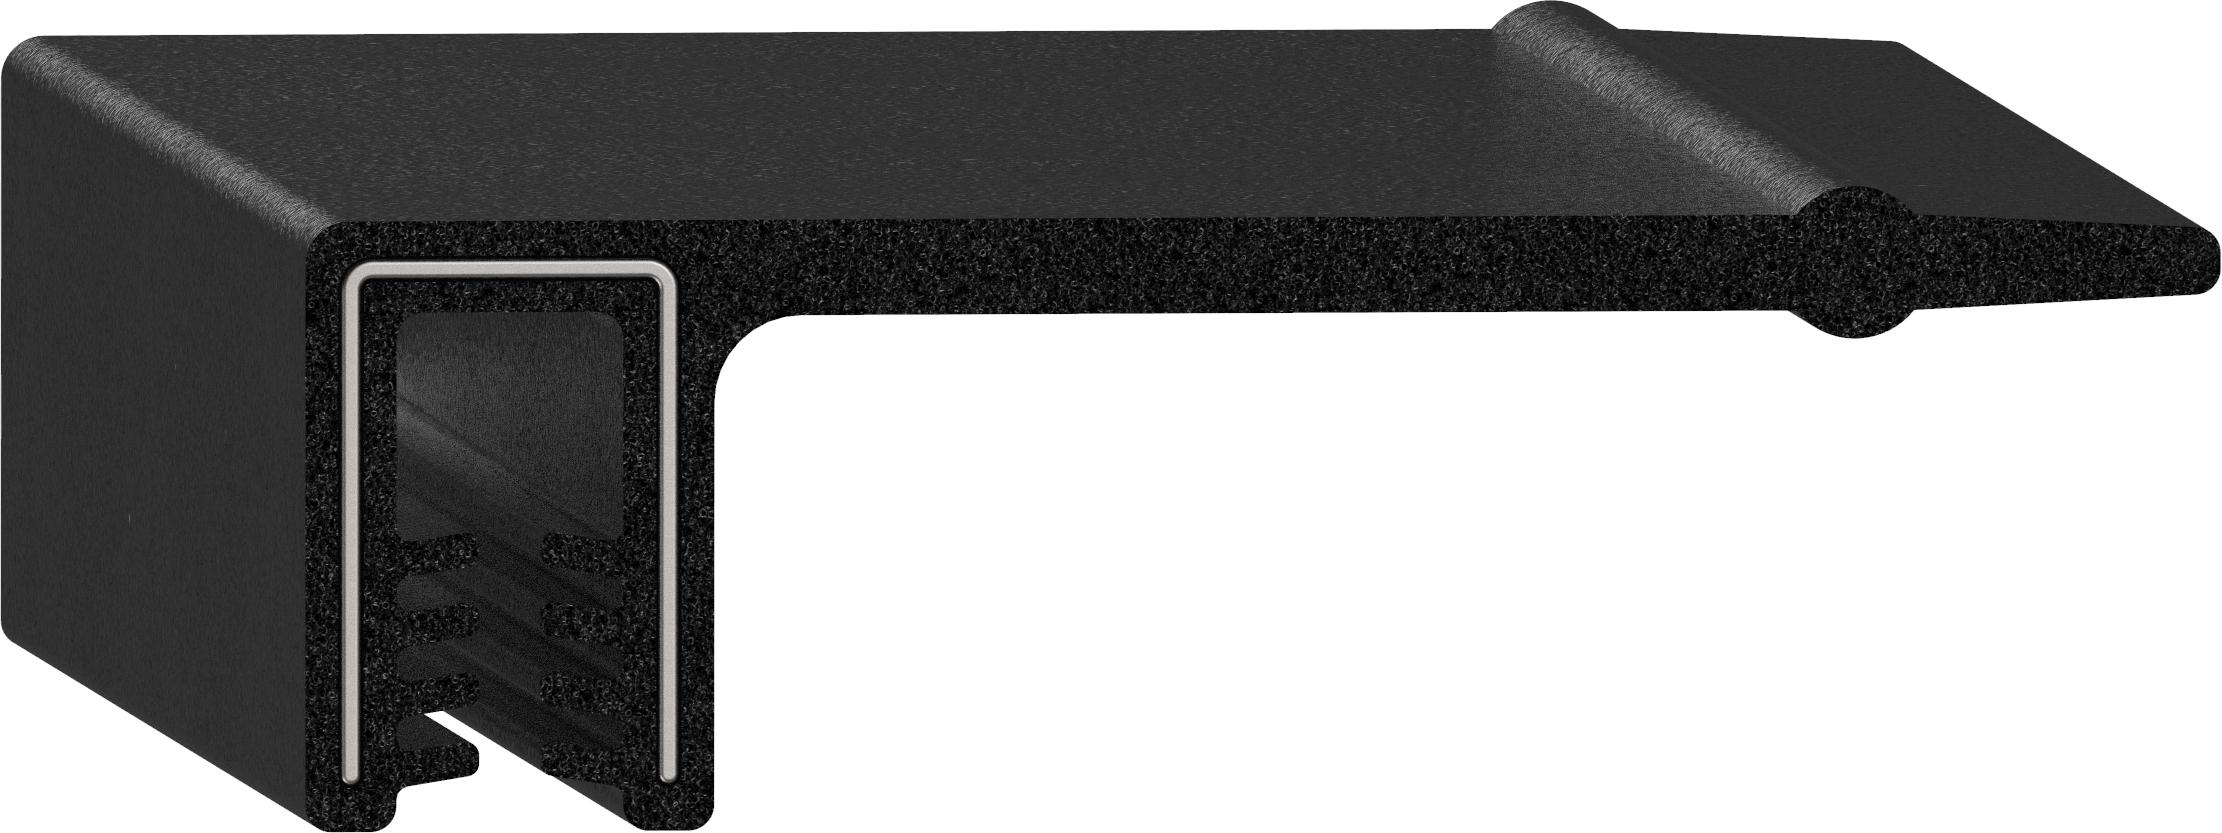 Uni-Grip part: SD-12670